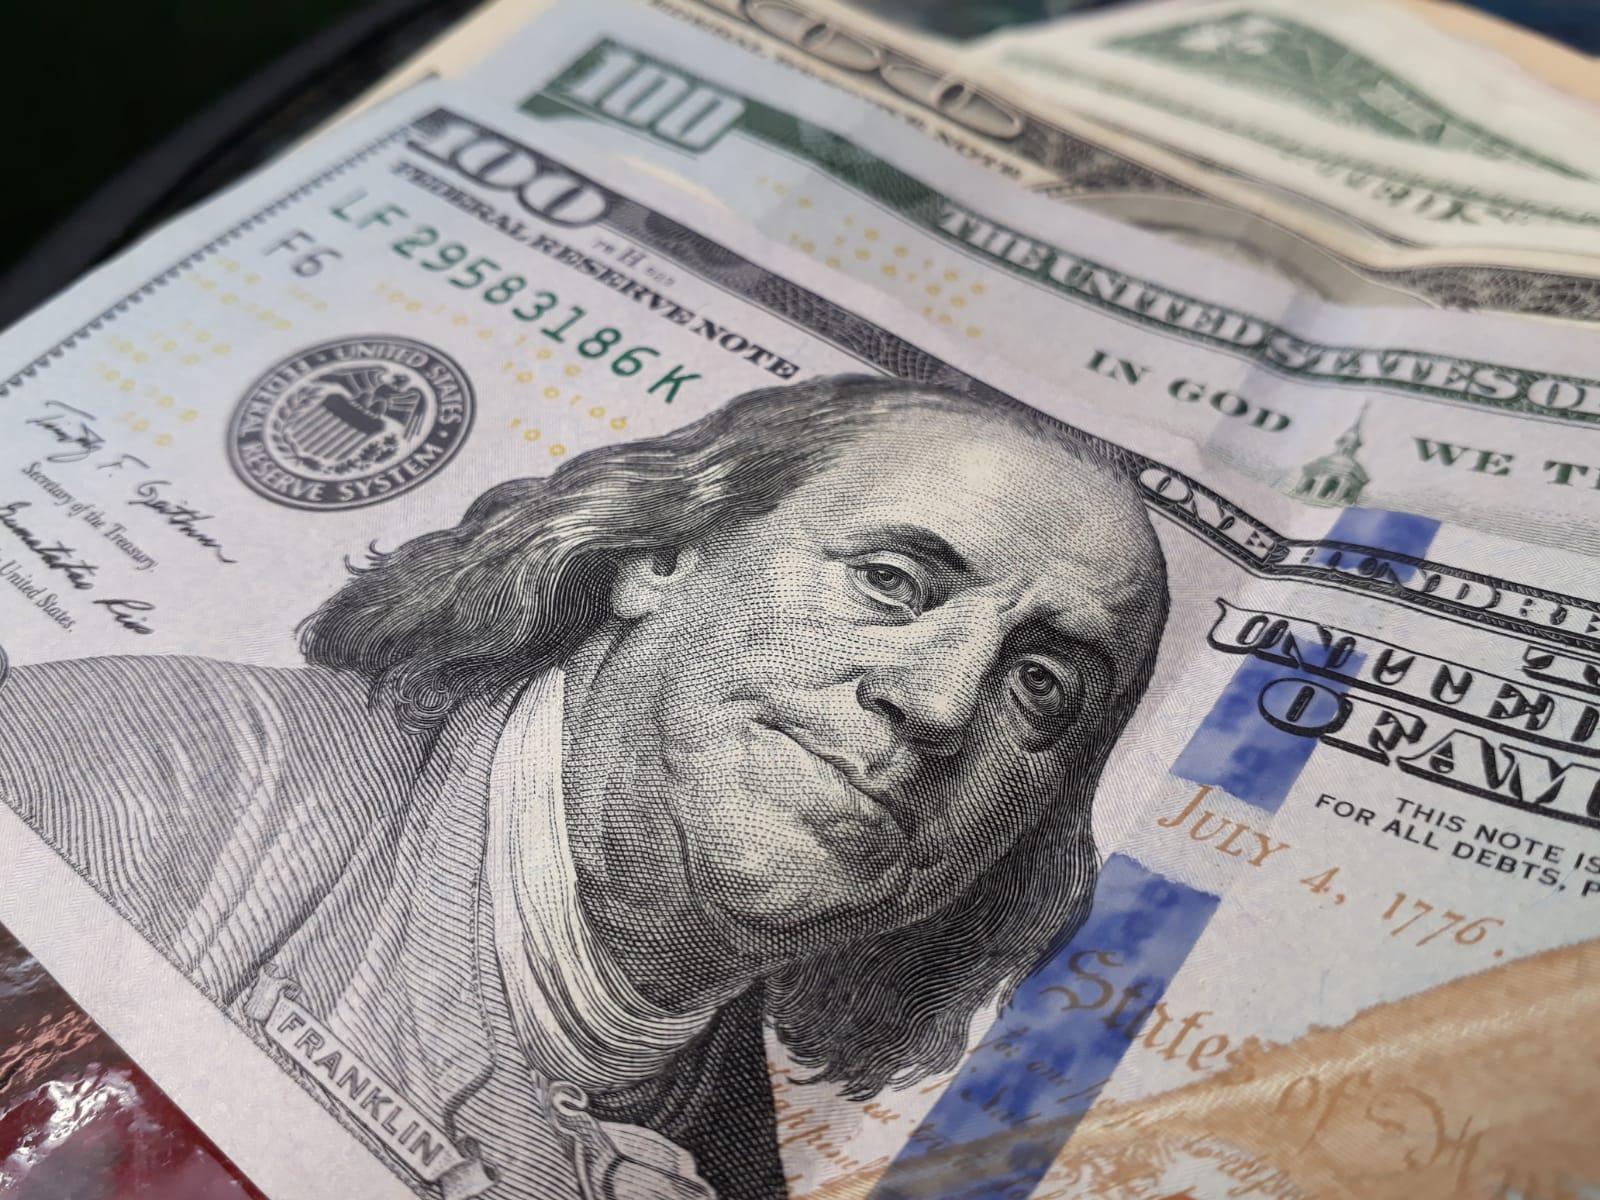 Gobierno emitió un nuevo bono en dólares con vencimiento en 2031